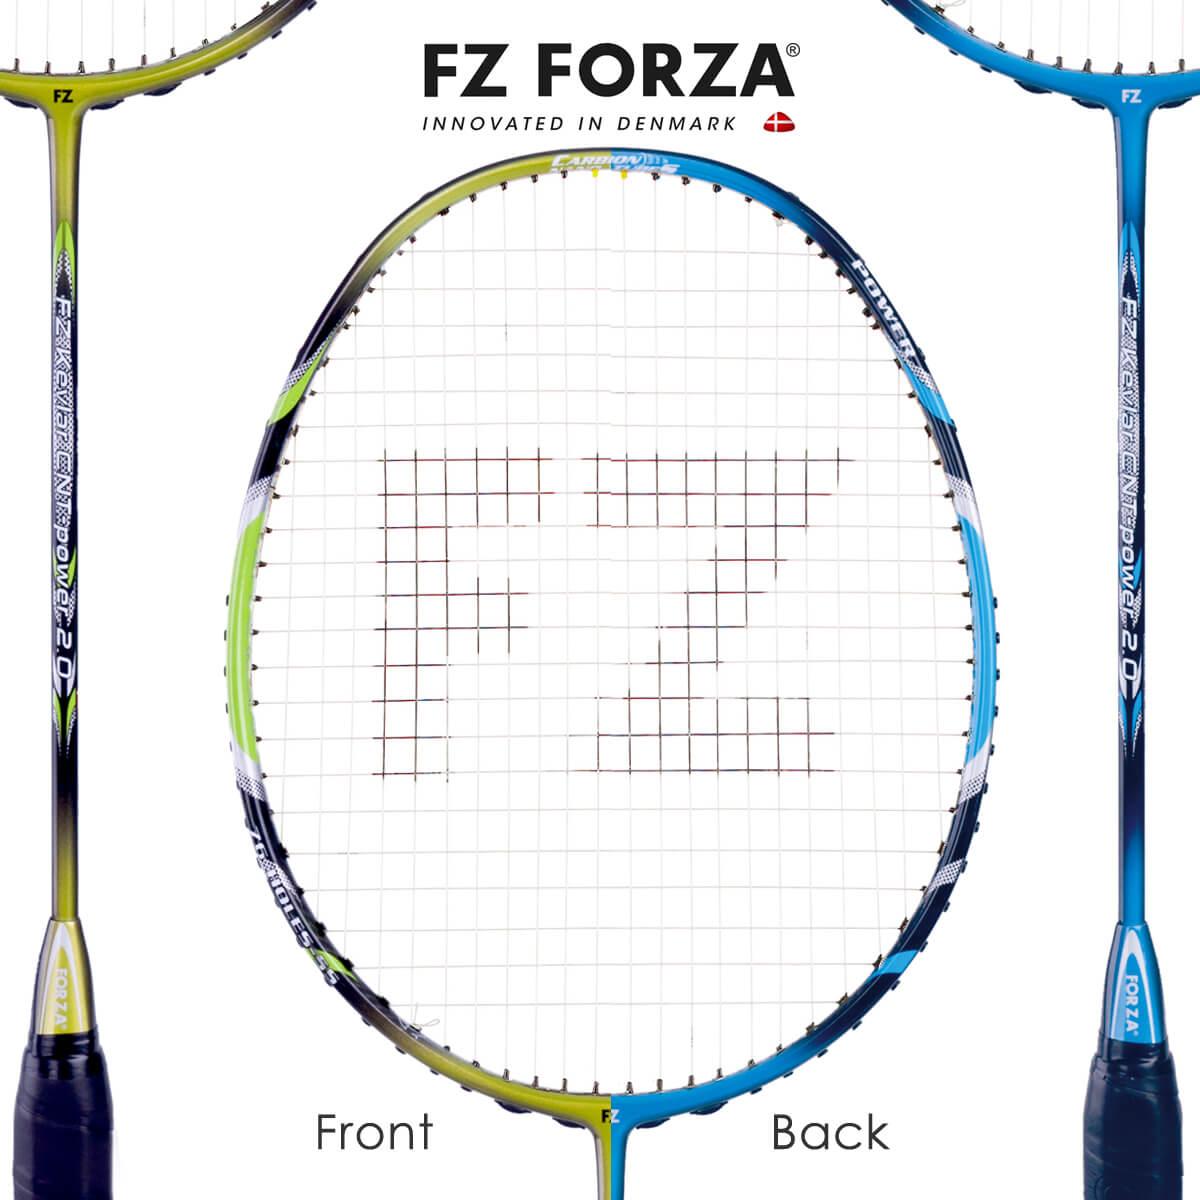 FZ FORZA Kevlar CNT-power 2.0 ダブルフェイスカラー 76ホール FZ フォーザ バドミントンラケット【オススメガット&ガット張り工賃無料】